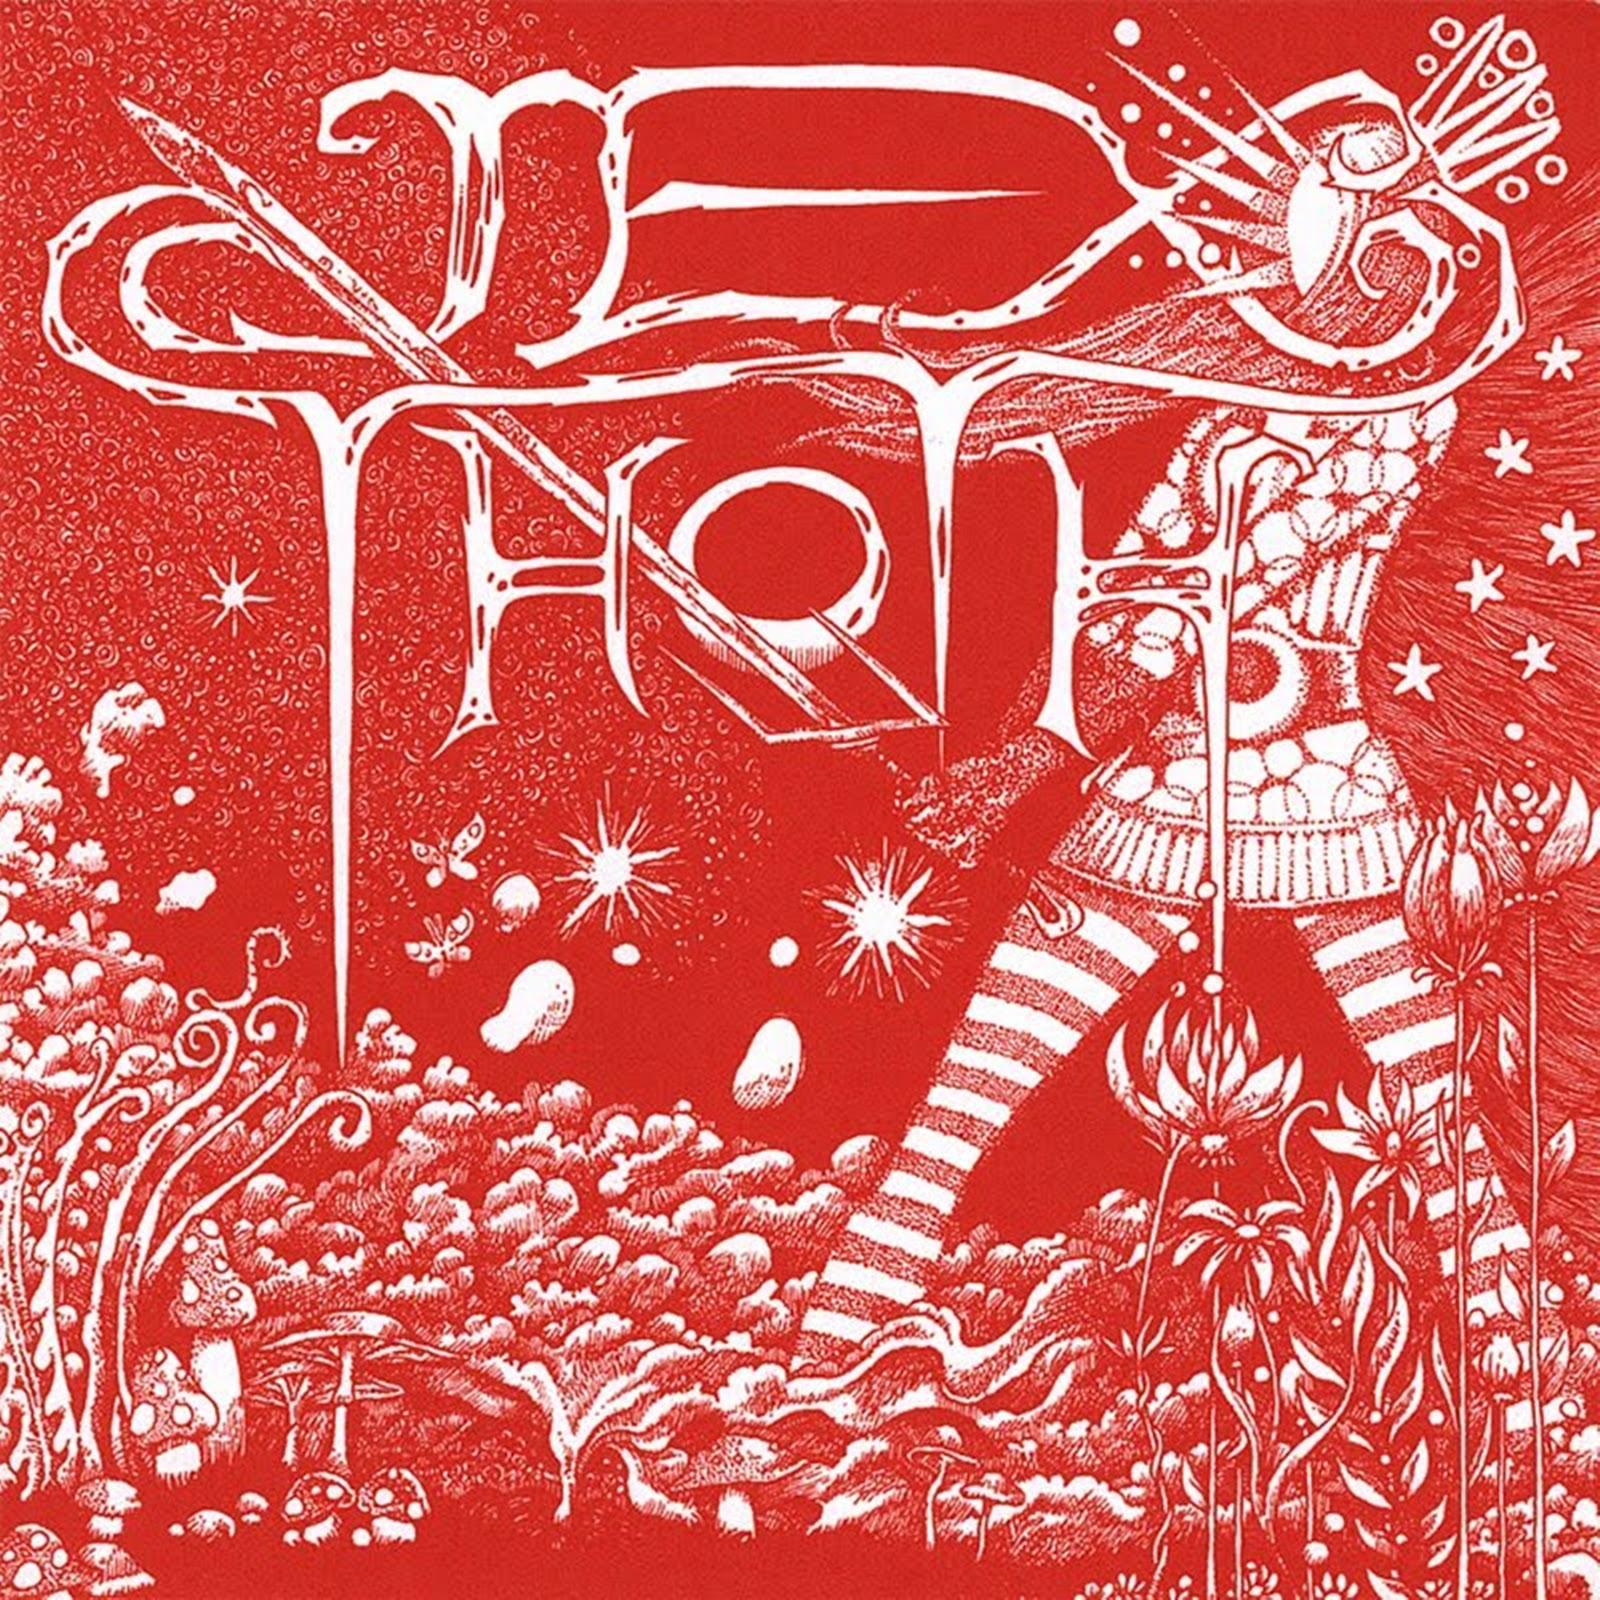 Jex Thoth - Jex Thoth (2008)